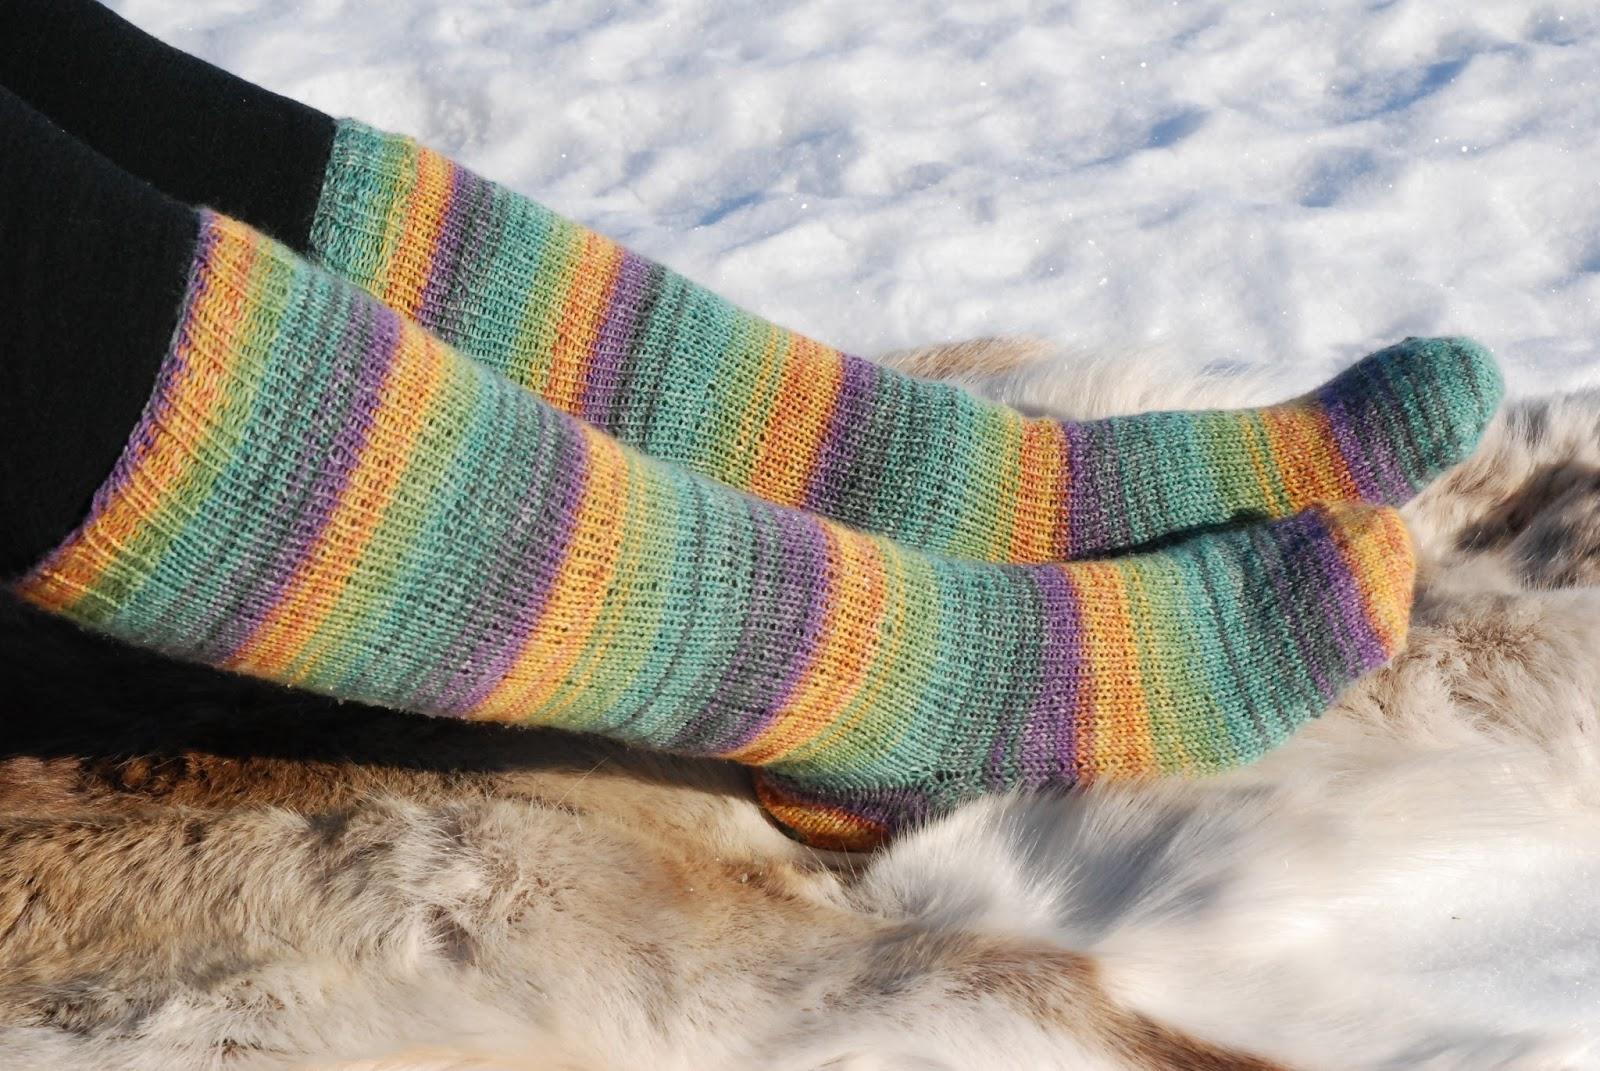 Viimeisin ei myyntiveroa virallinen kauppa The Knit Is Out There: 2016